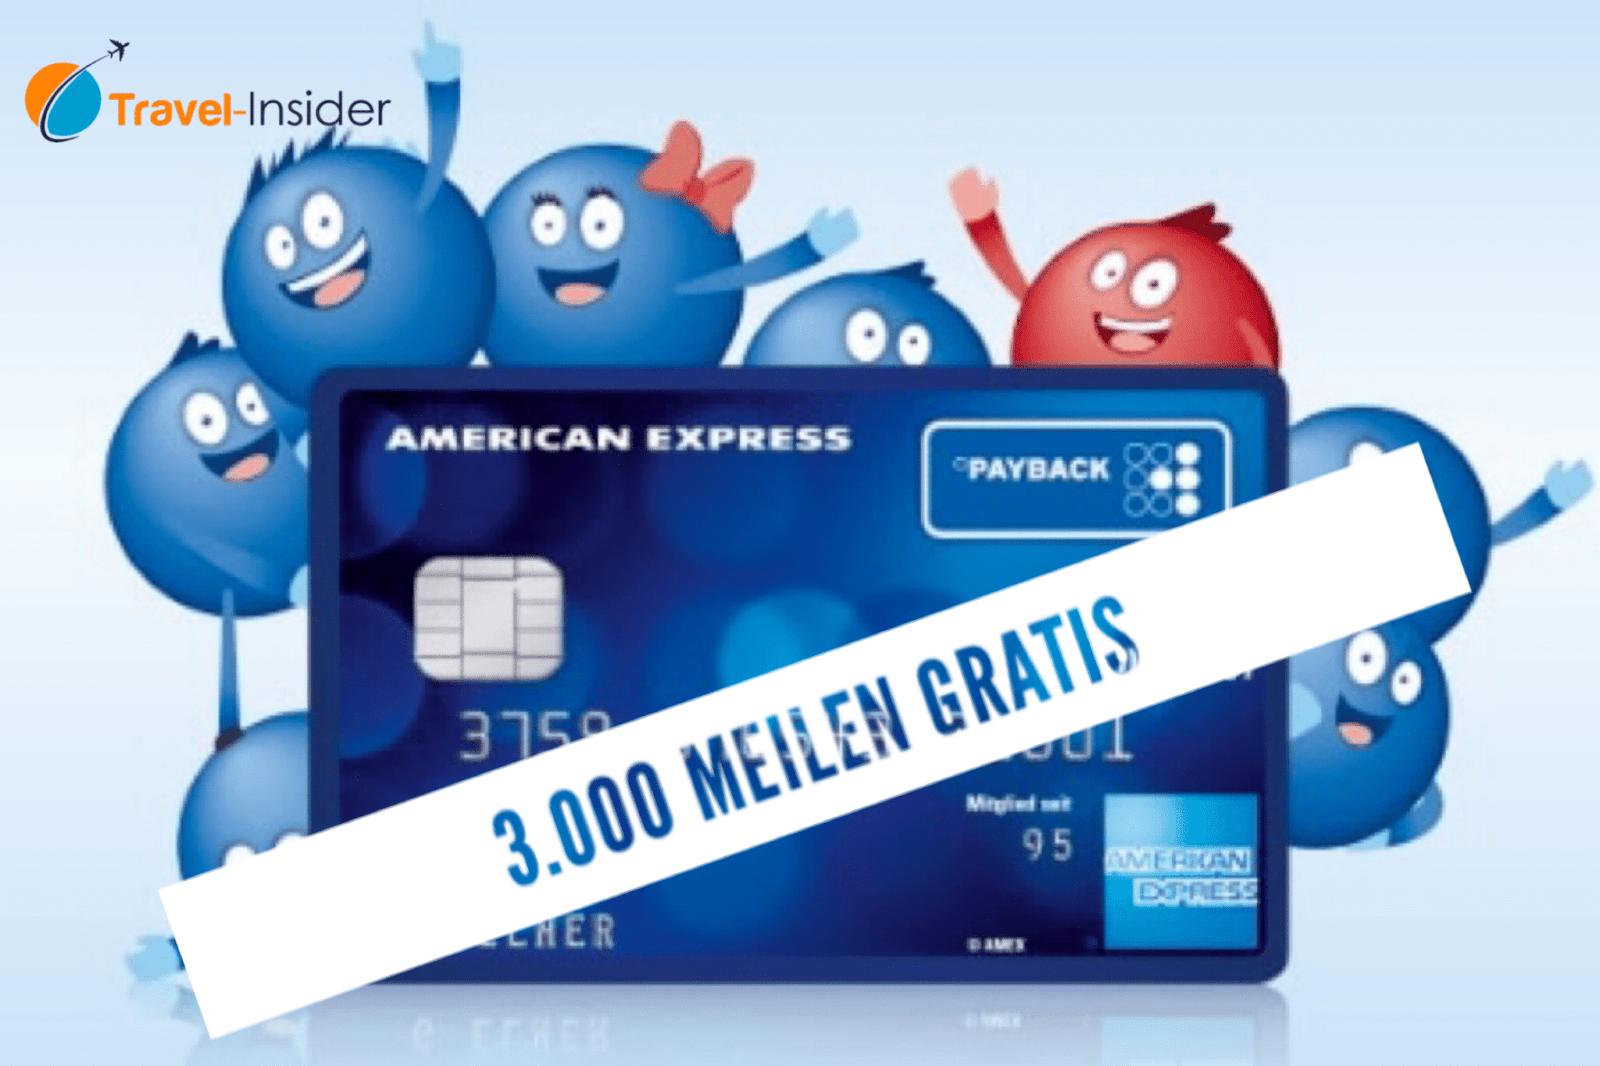 3.000 Miles & More gratis als Willkommensbonus mit der Payback Kreditkarte